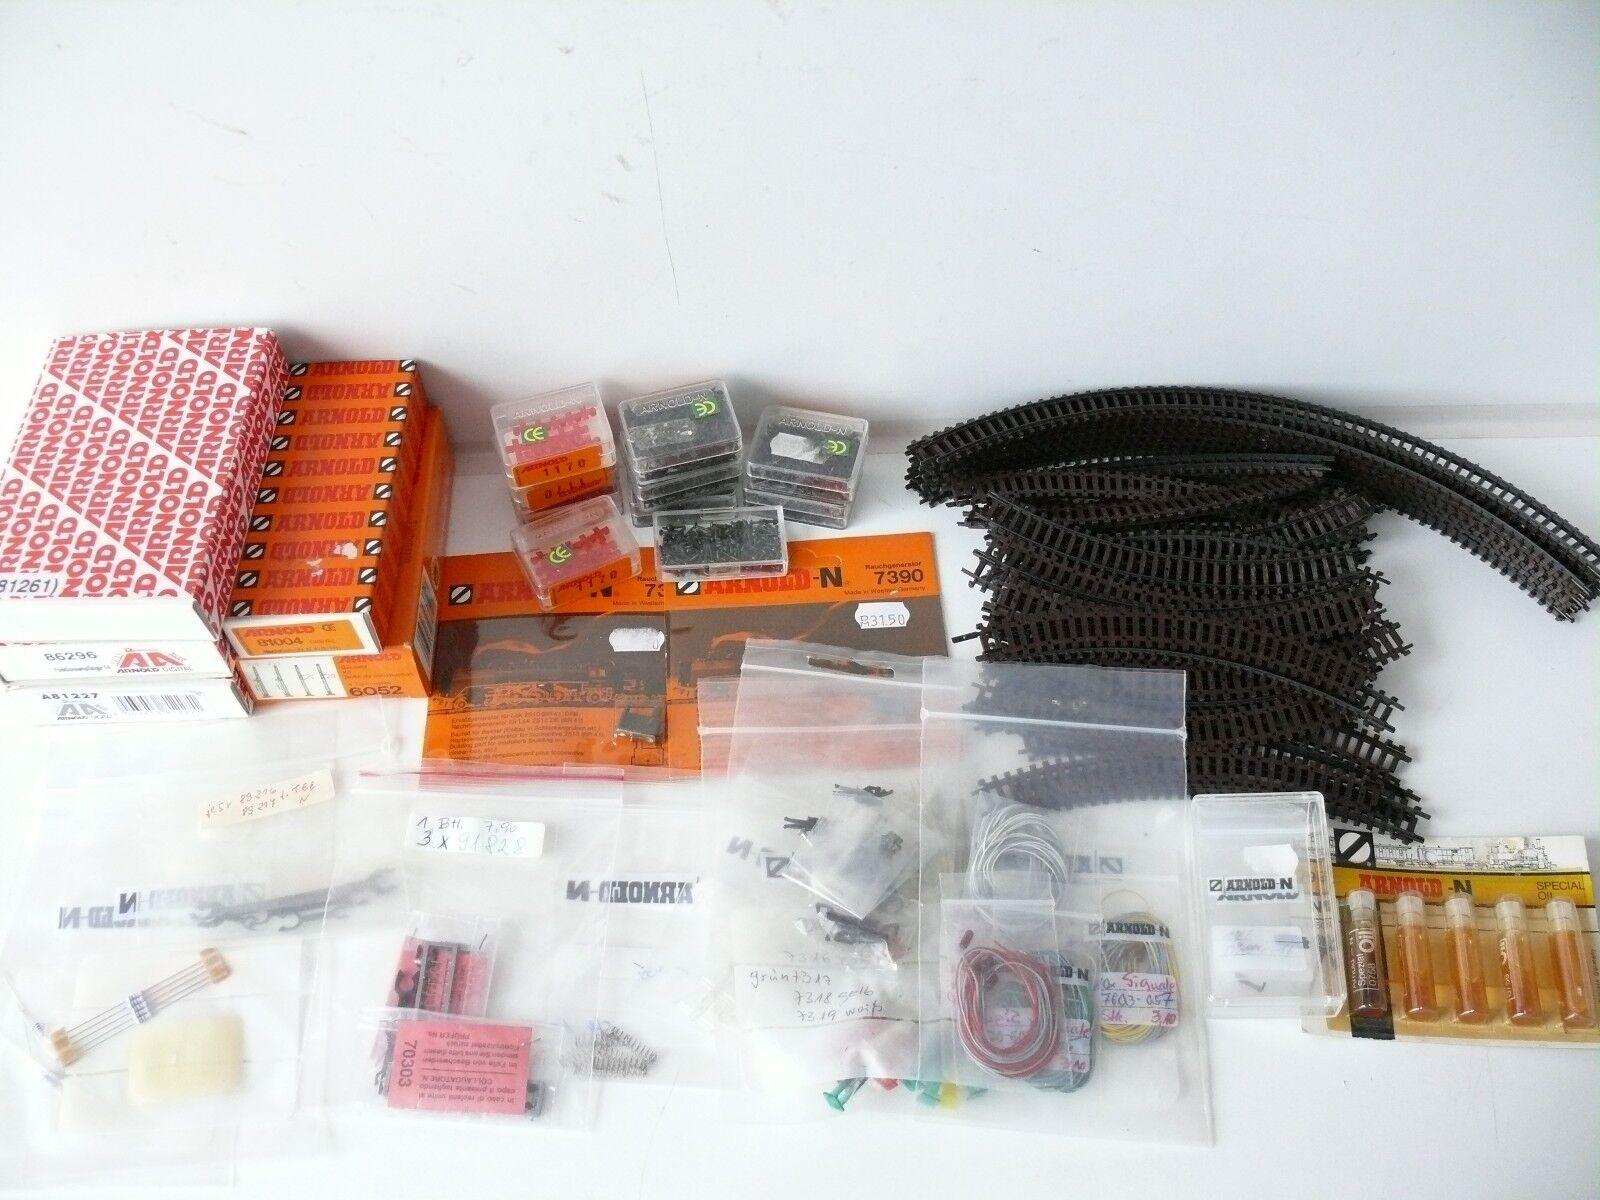 Arnold N - Konvolut Set Gleise Ersatzteile Nachrüstsätze Decoder Öl Kabel etc.